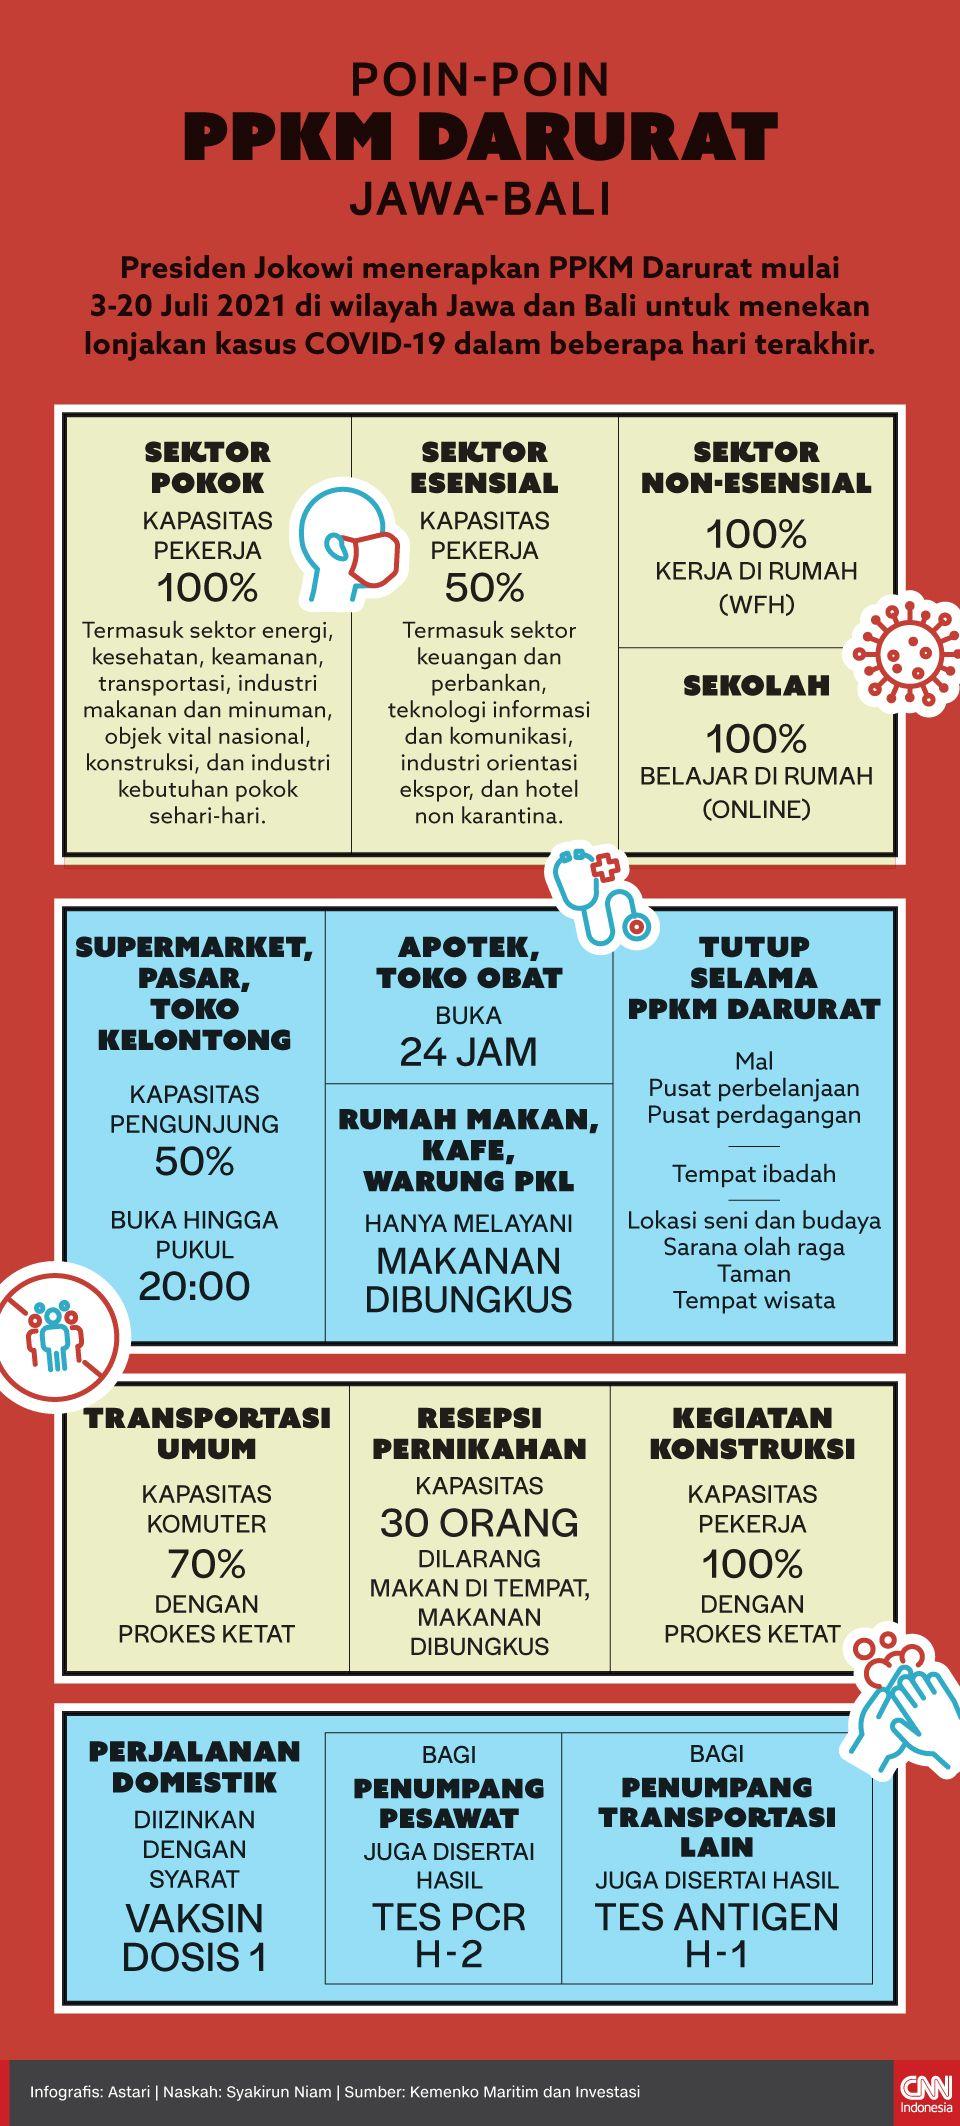 Infografis - Poin-poin PPKM Darurat Jawa-Bali